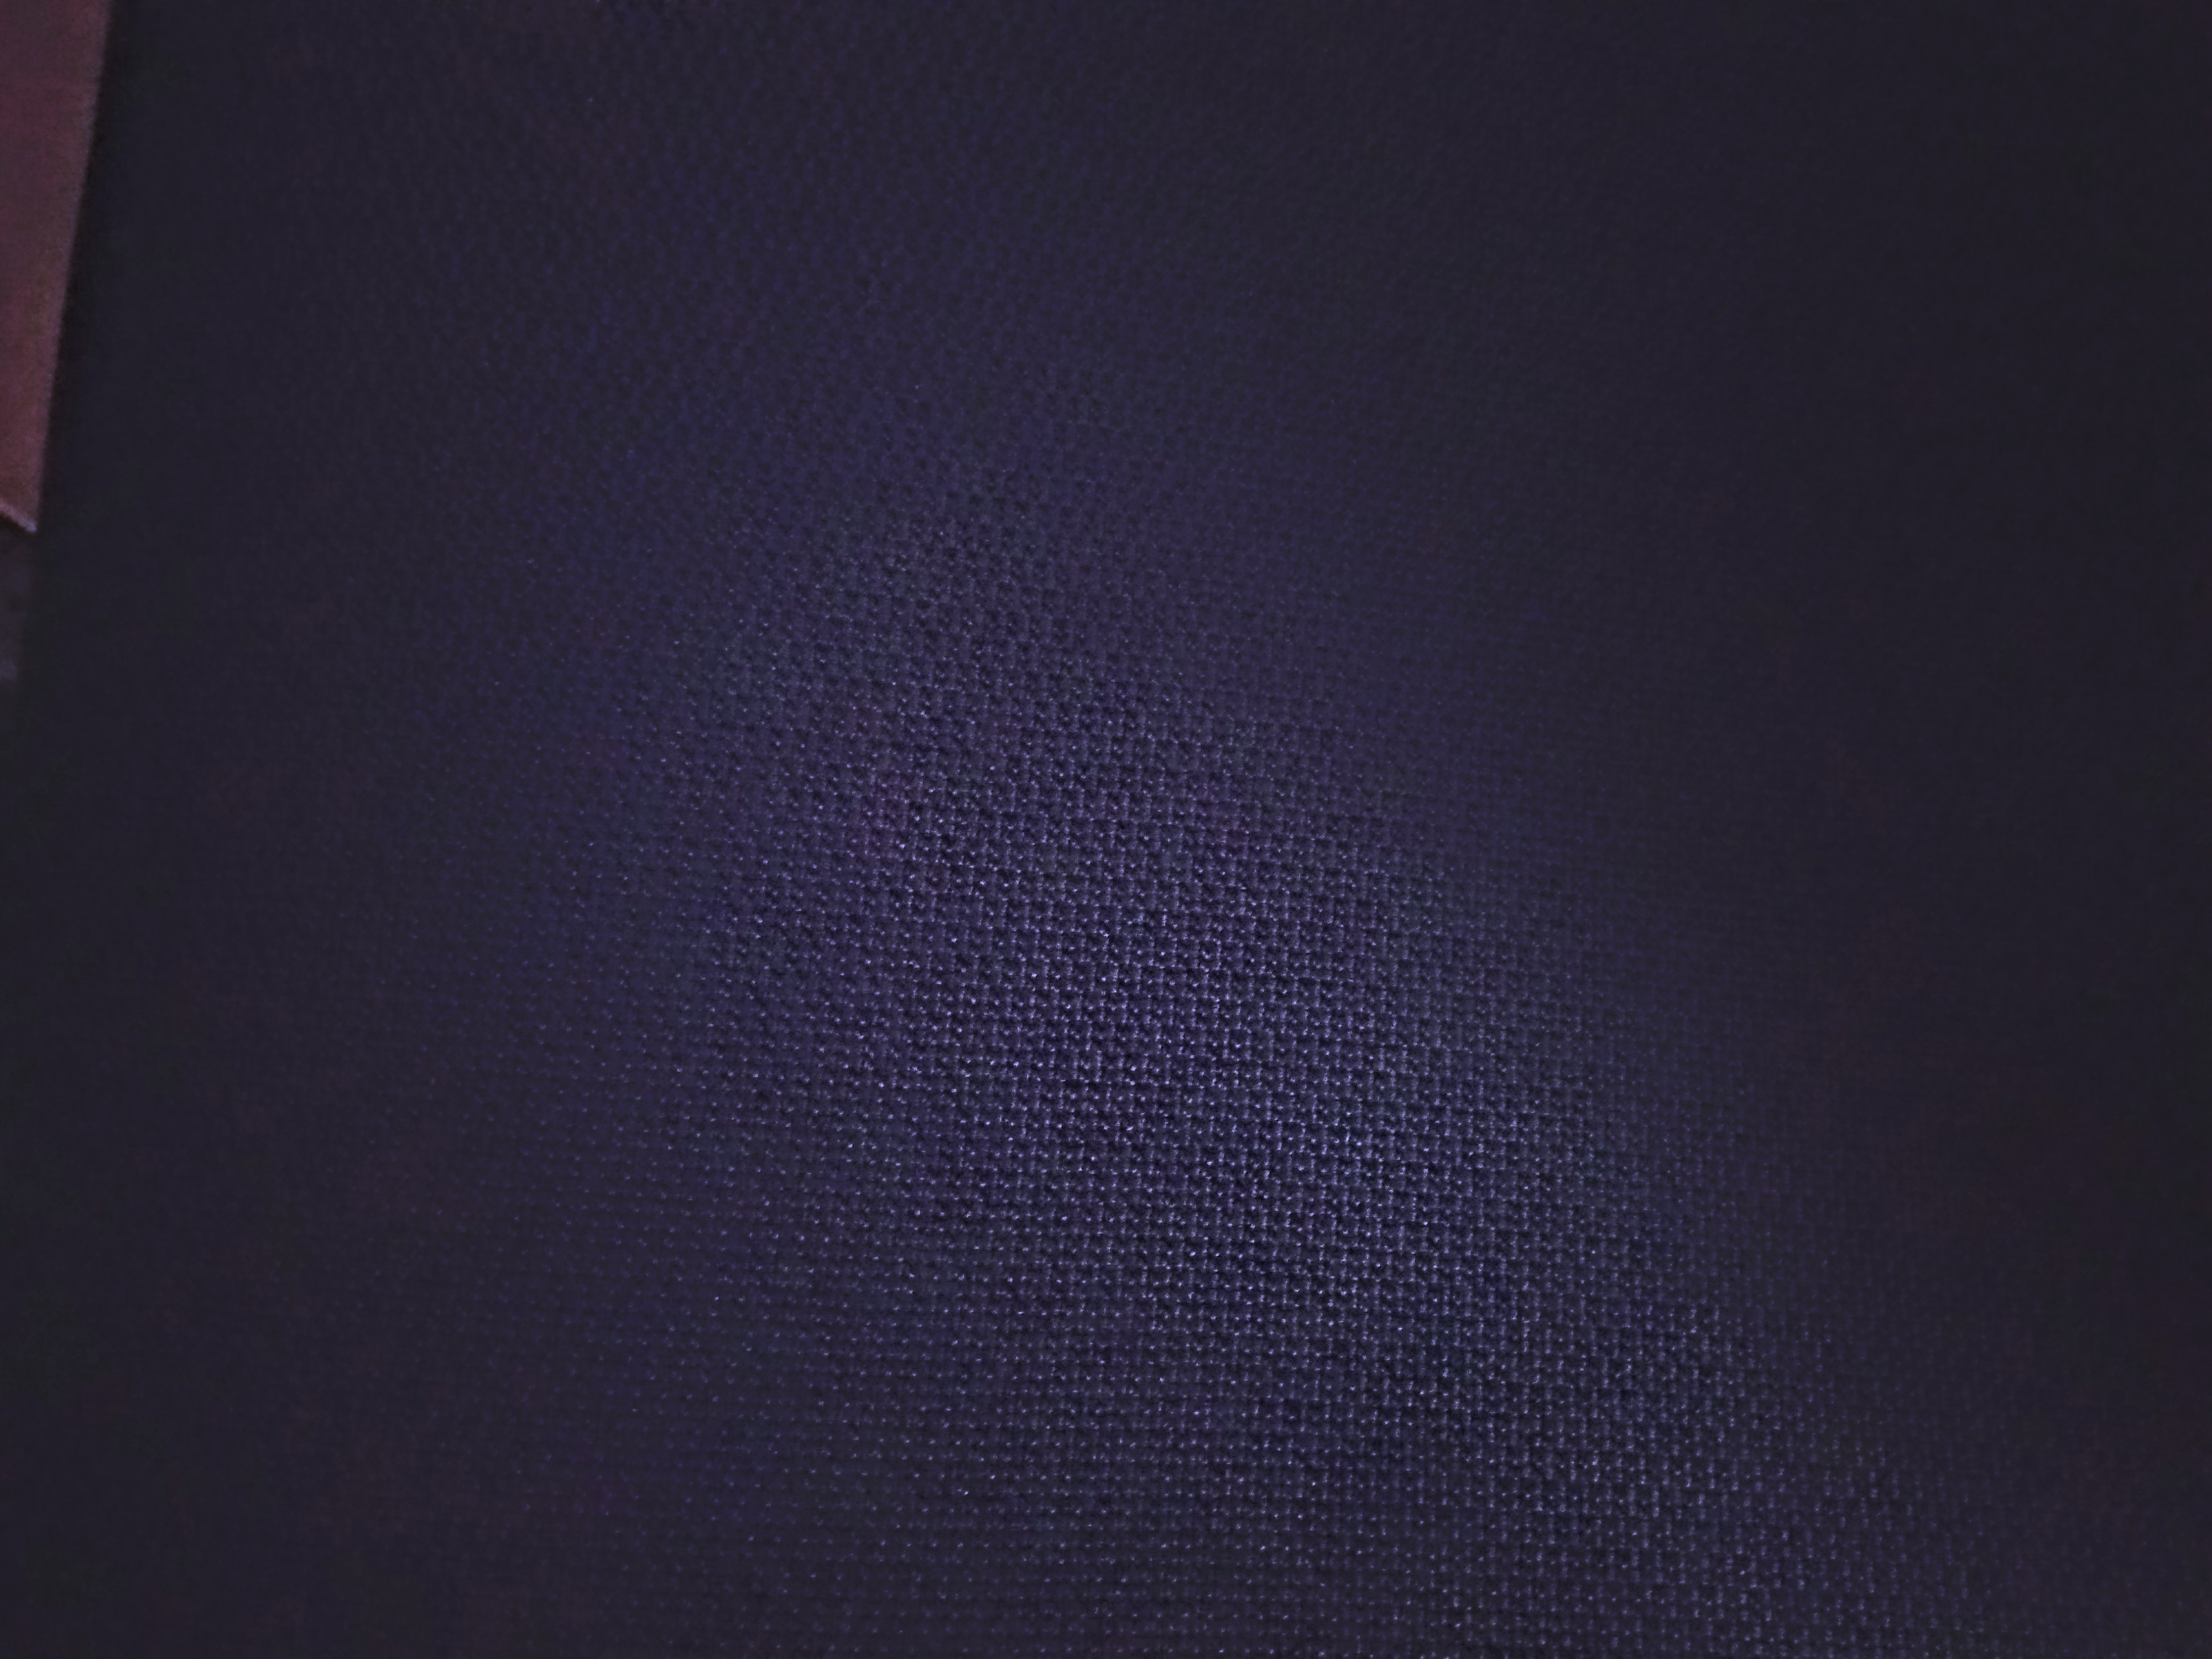 בד כחול כהה אביב 13